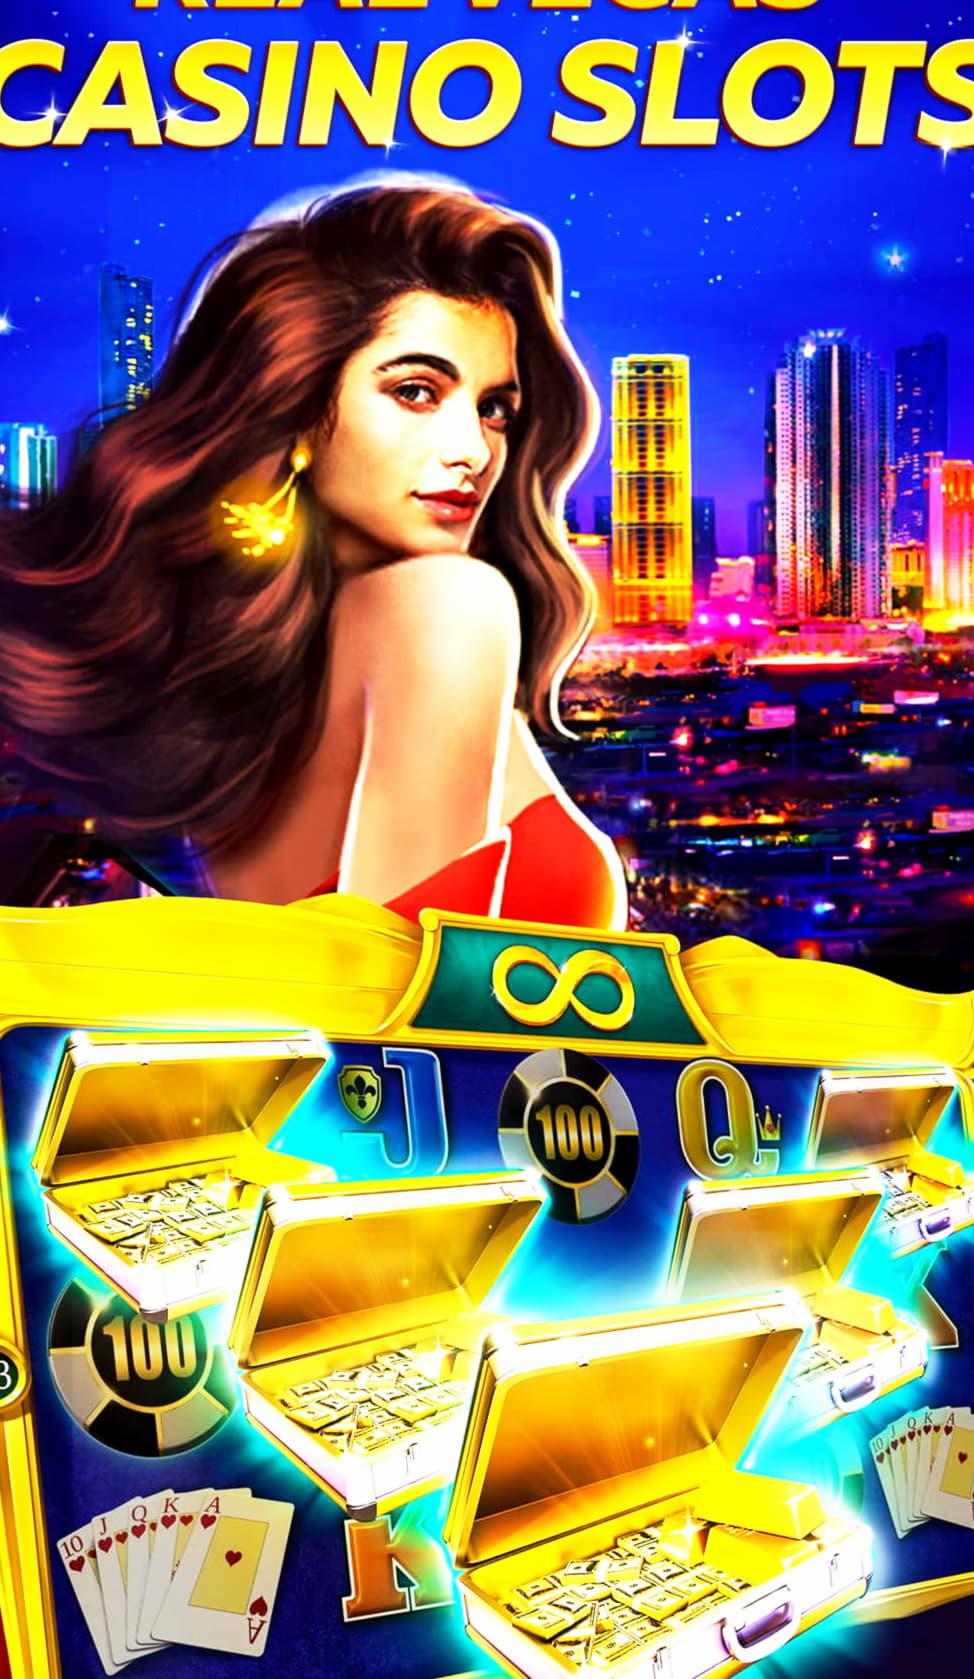 395% Best Signup Bonus Casino at Estonia Casino